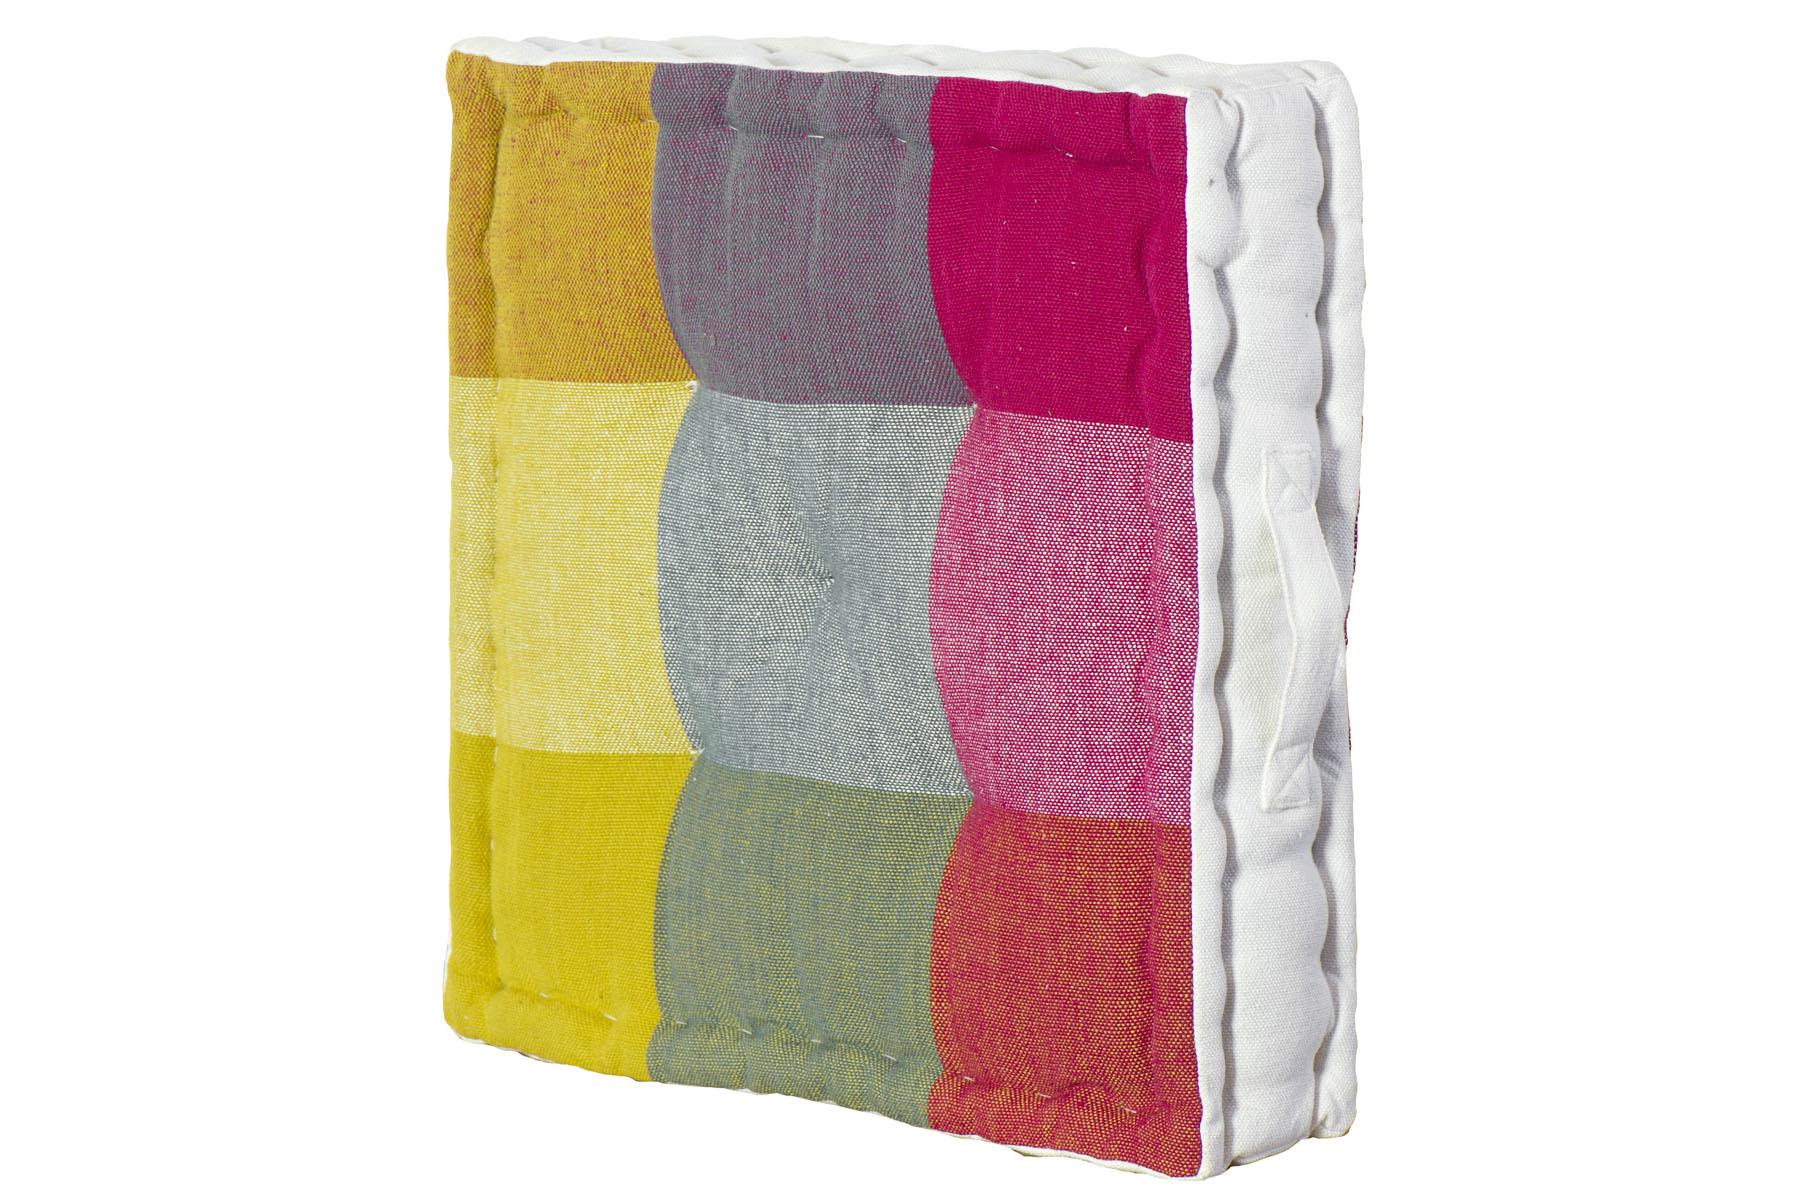 Cuscini Tipo Materasso.Cuscino Tipo Materasso In Cotone Mod Lipari Multicolor Mis